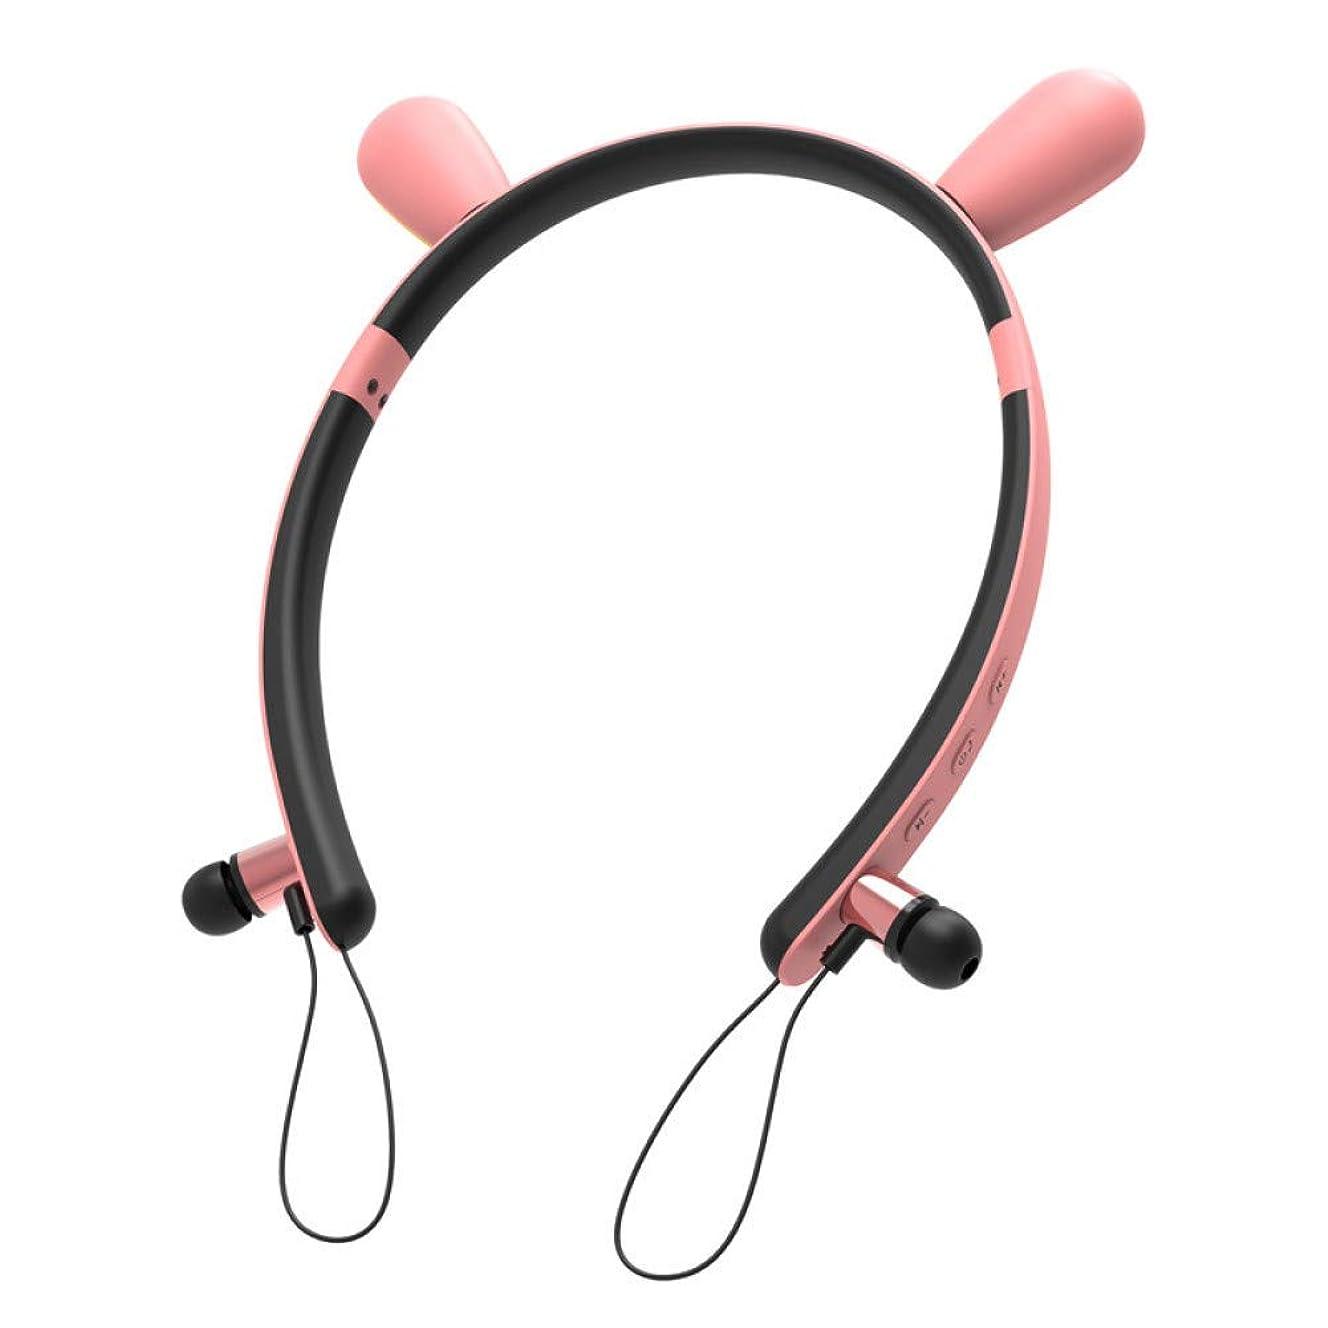 分子財団ピューXLSEJかわいい漫画猫耳ヘッドフォン付きBluetoothワイヤレスBluetoothヘッドセット磁気Bluetoothヘッドセット